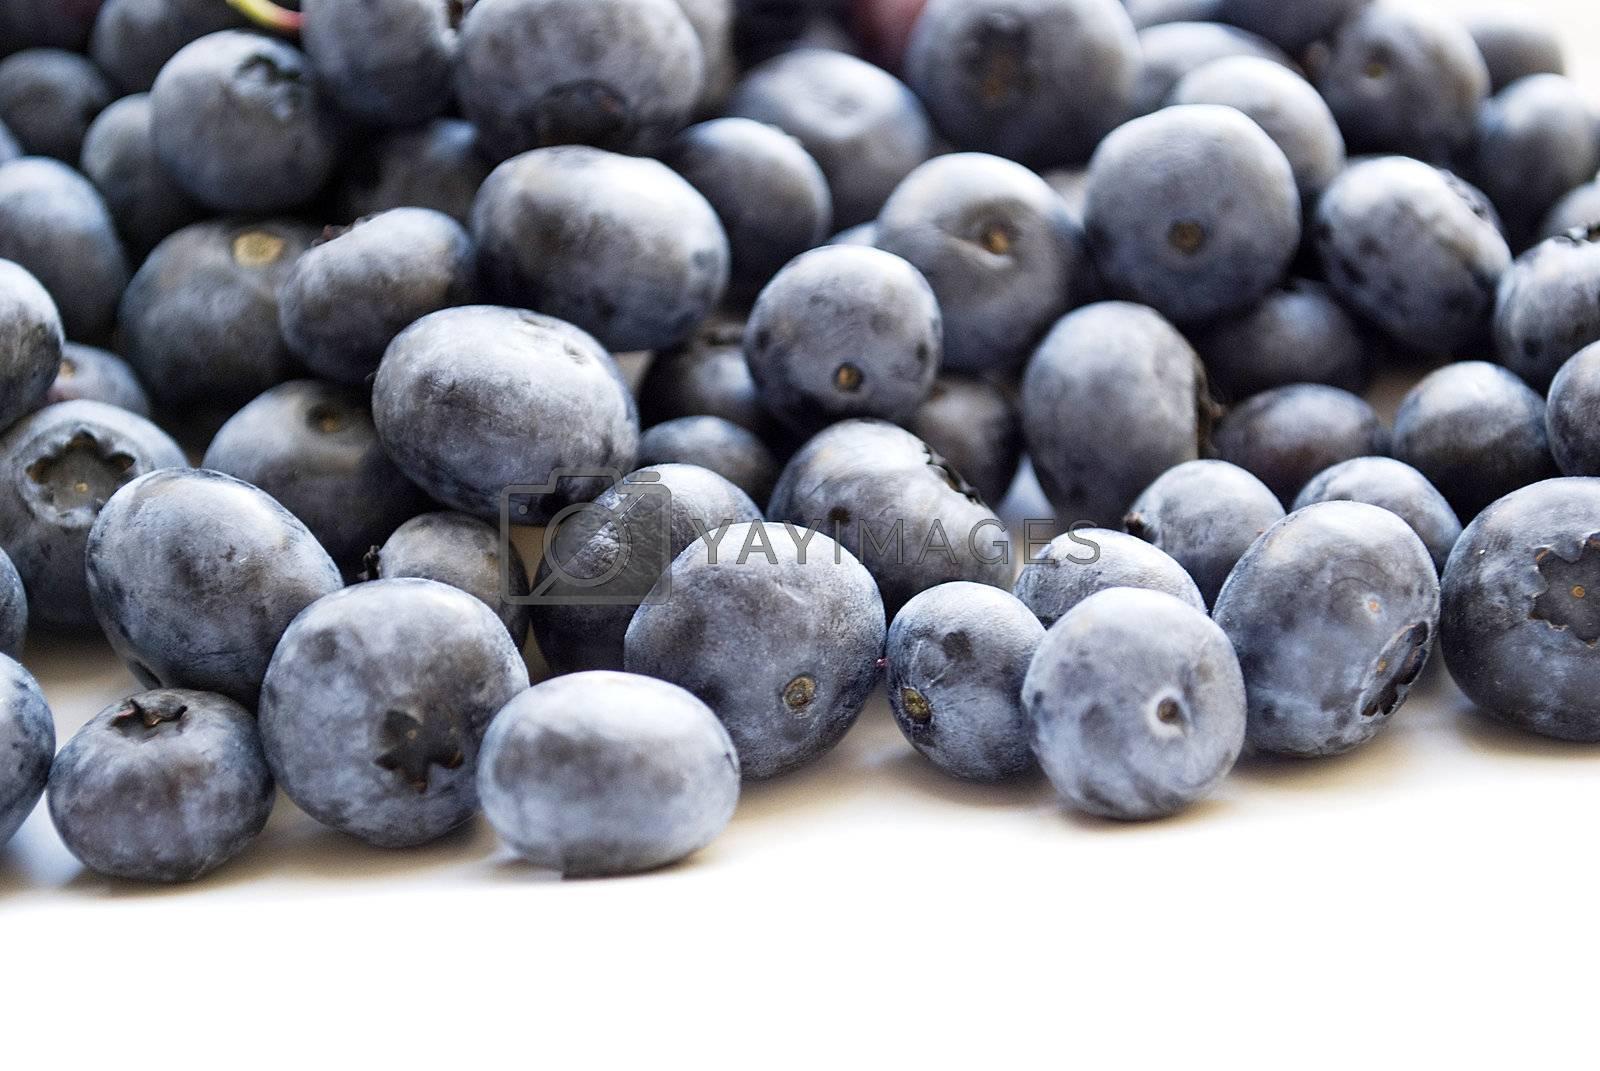 blueberries by Dessie_bg